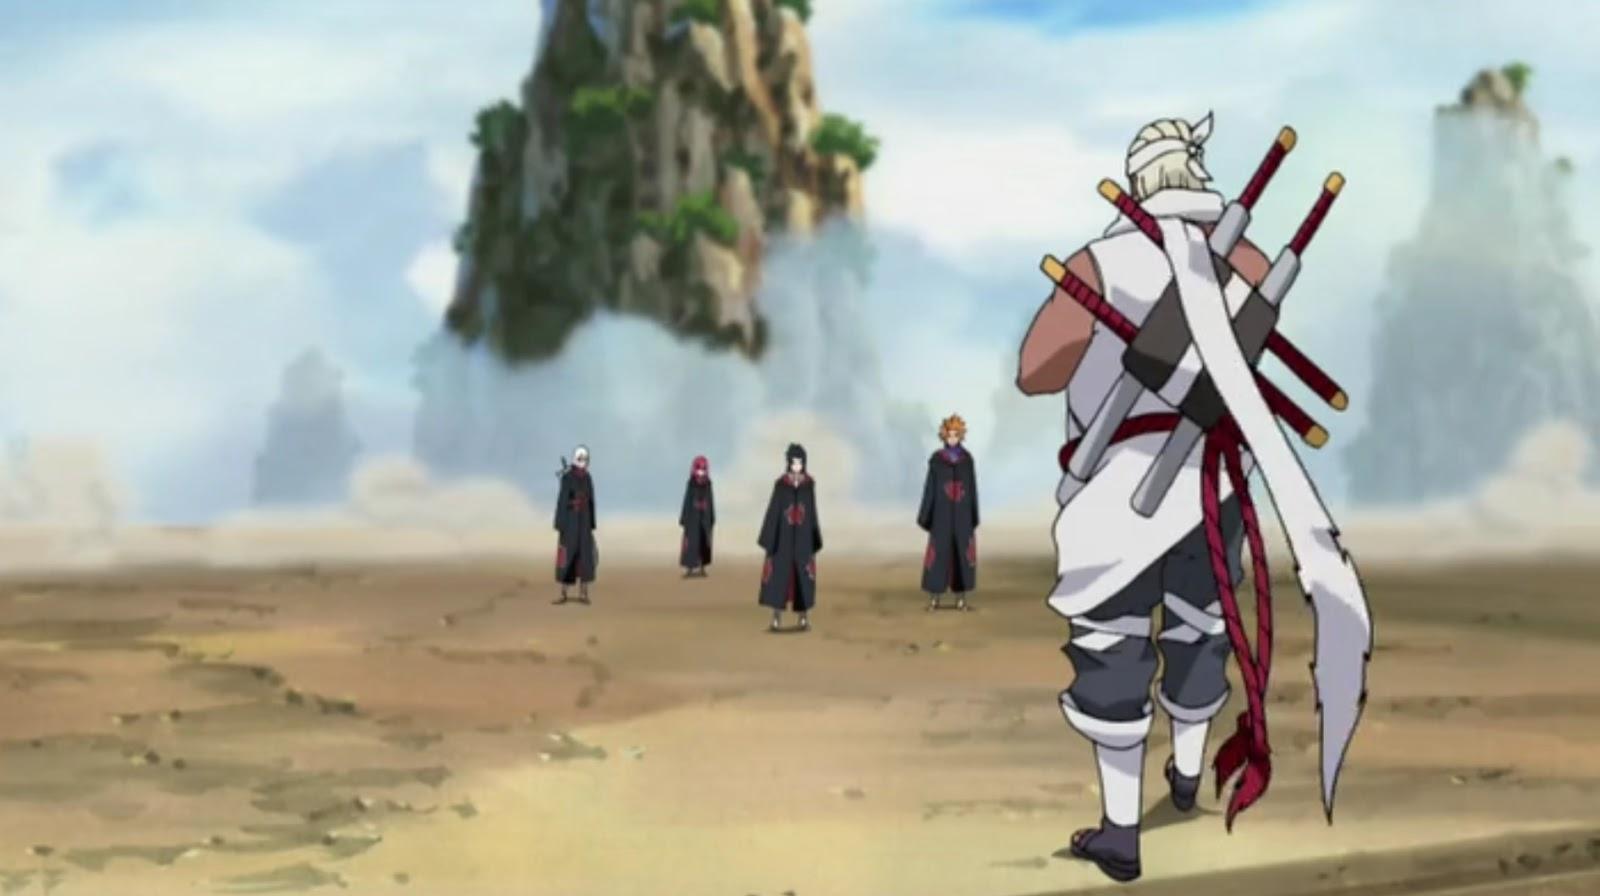 Naruto Shippuden Episódio 142, Assistir Naruto Shippuden Episódio 142, Assistir Naruto Shippuden Todos os Episódios Legendado, Naruto Shippuden episódio 142,HD